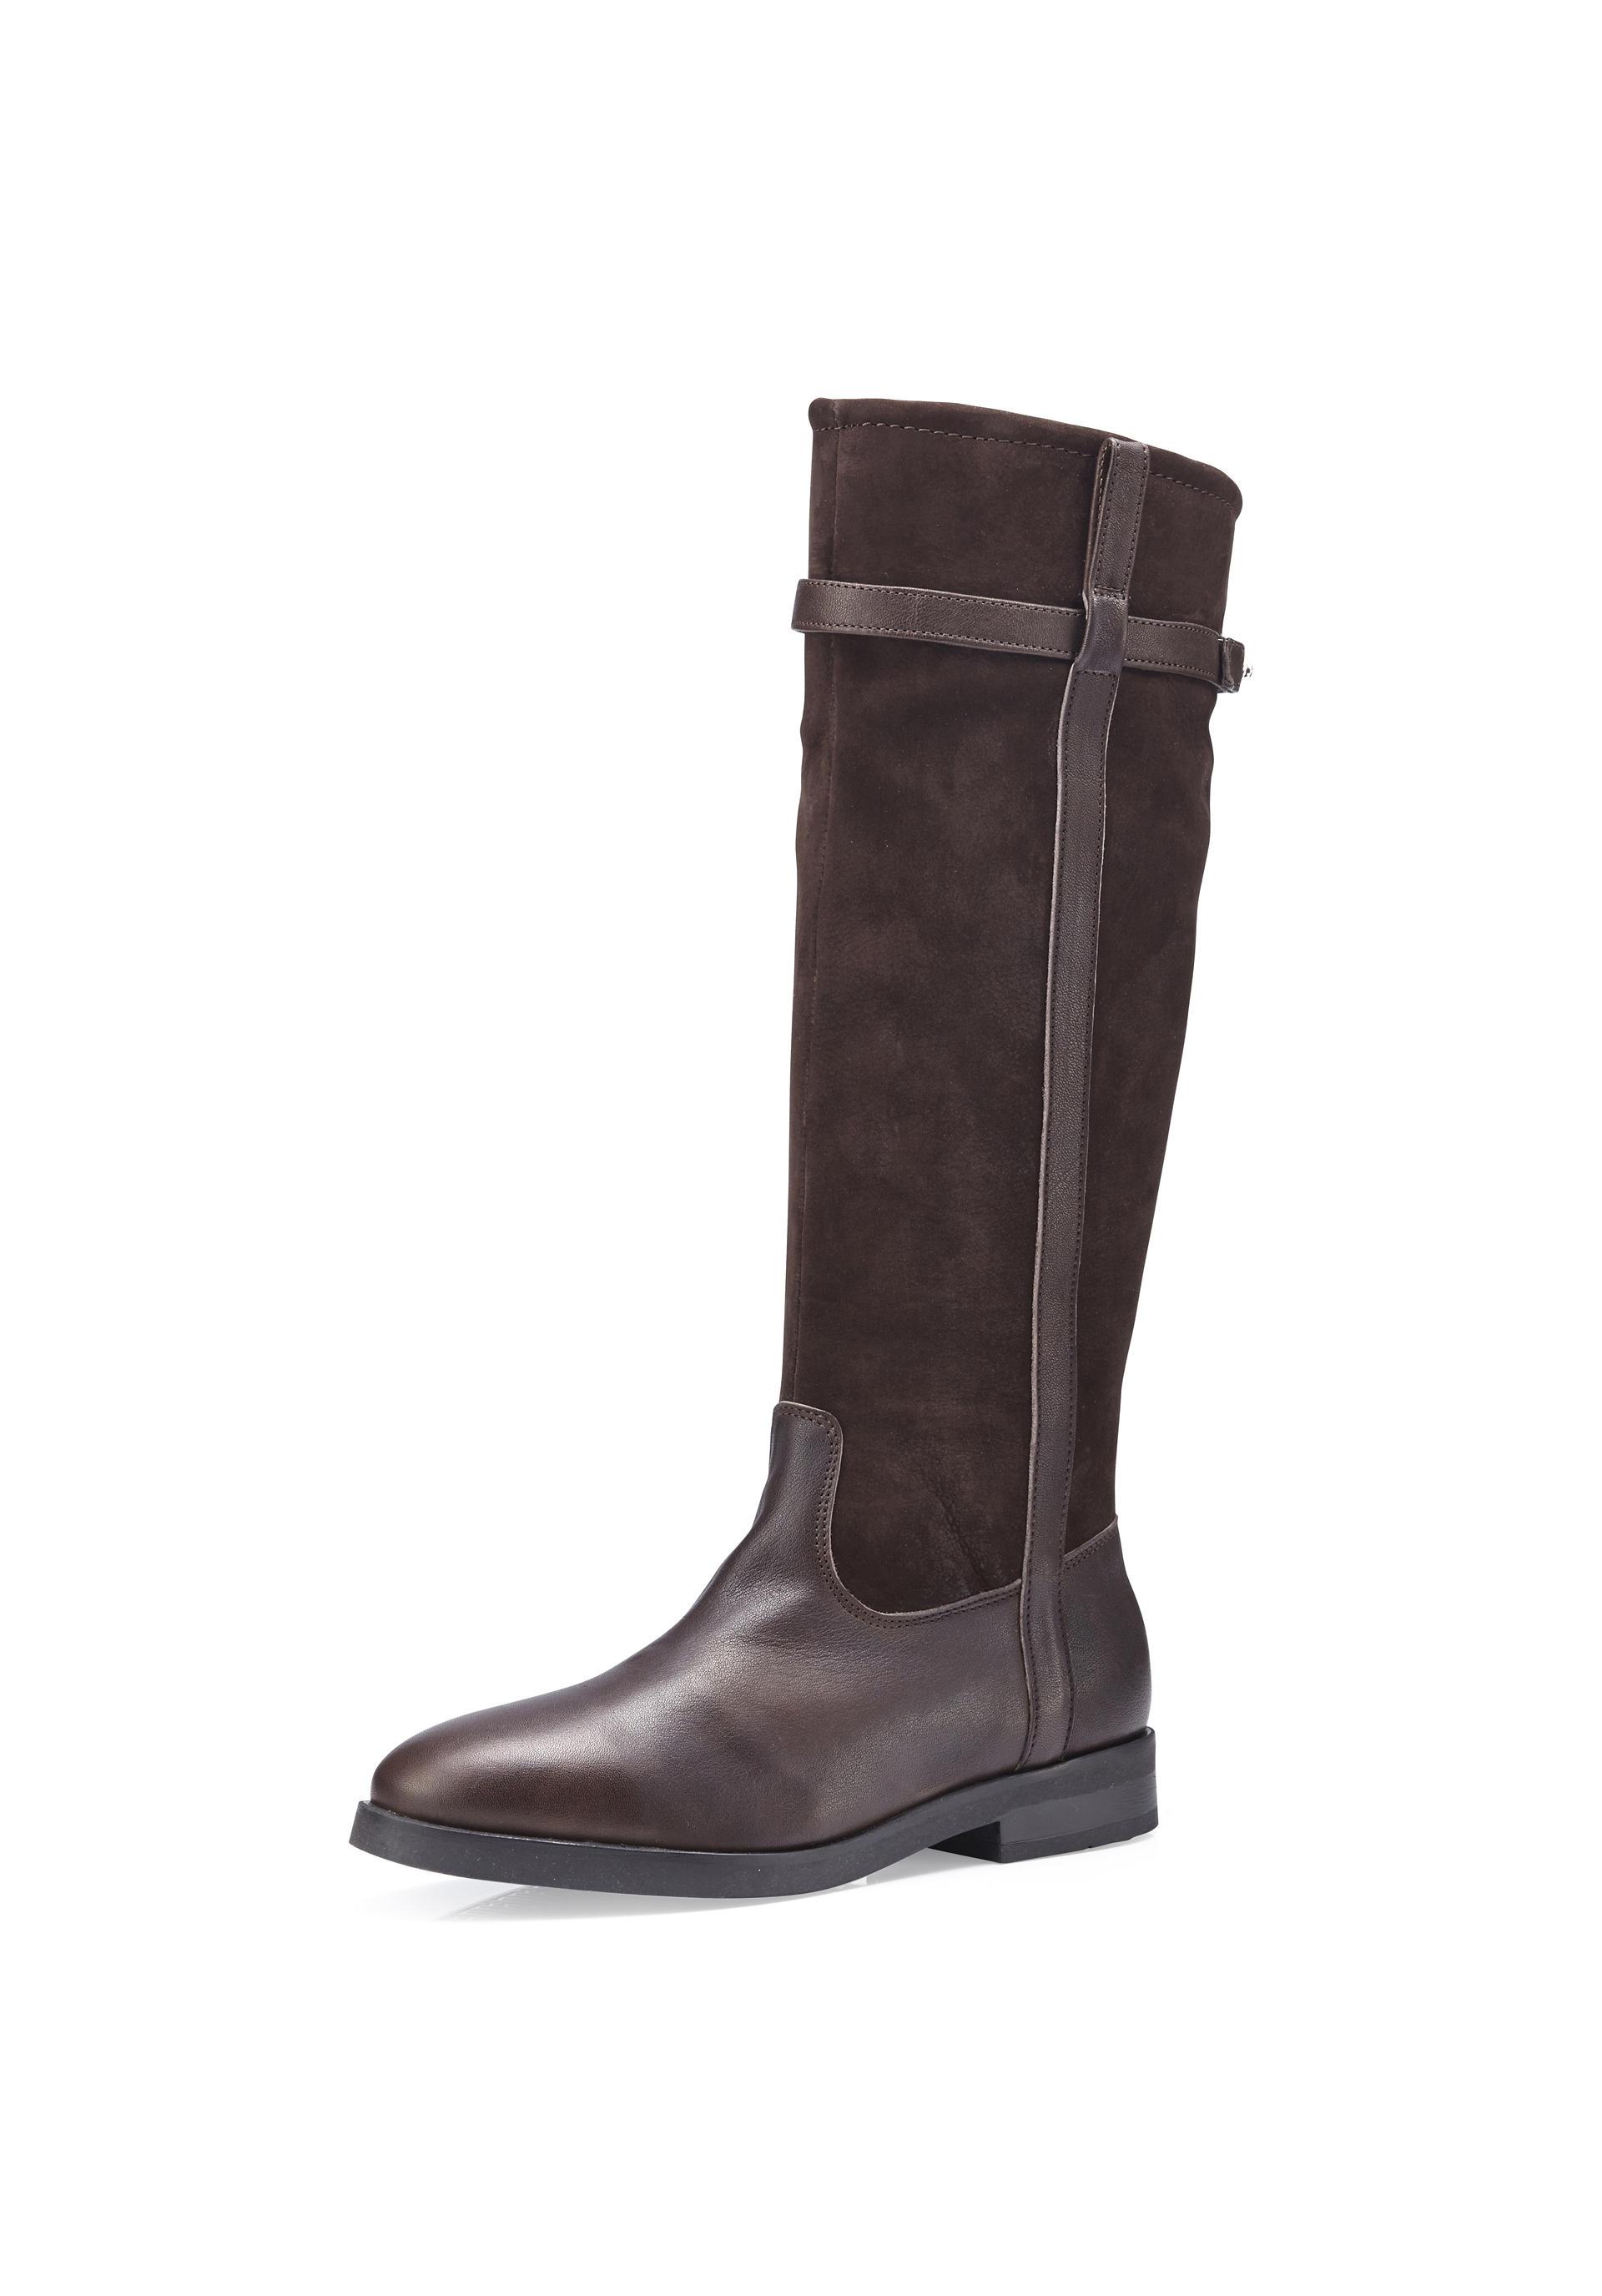 Damen Stiefel aus Leder - hessnatur Schweiz 2dbf46524f